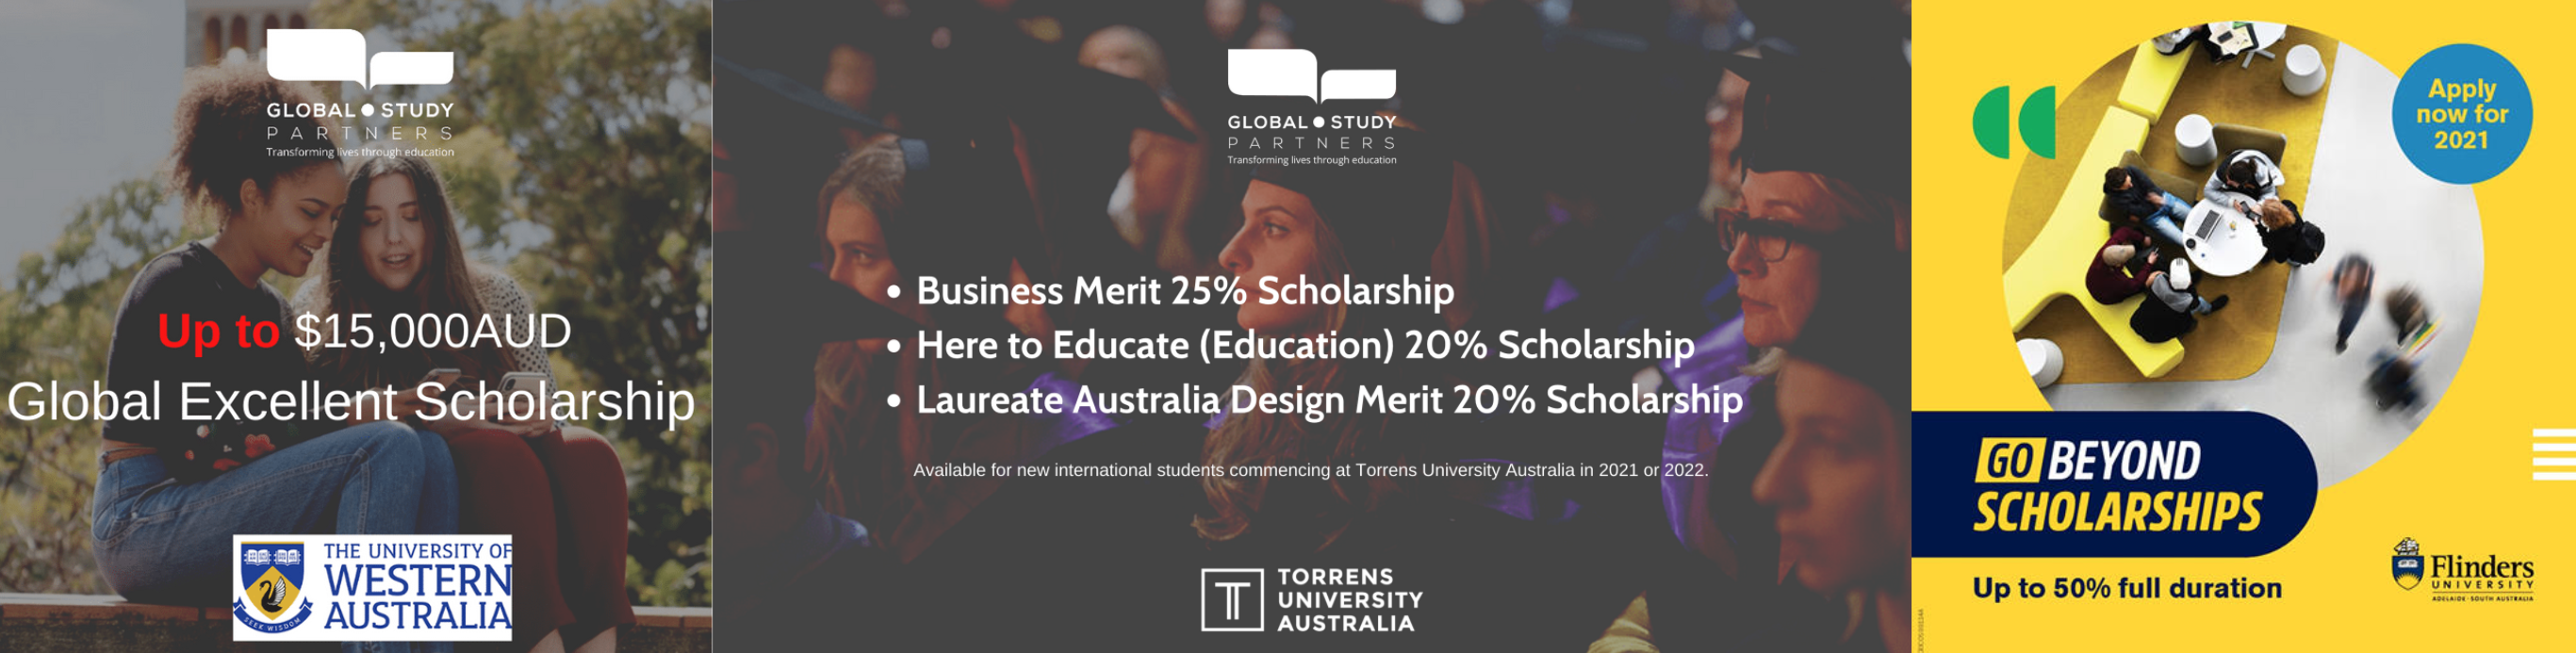 Cập nhật học bổng Úc lên đến 50% từ Đại học Flinders